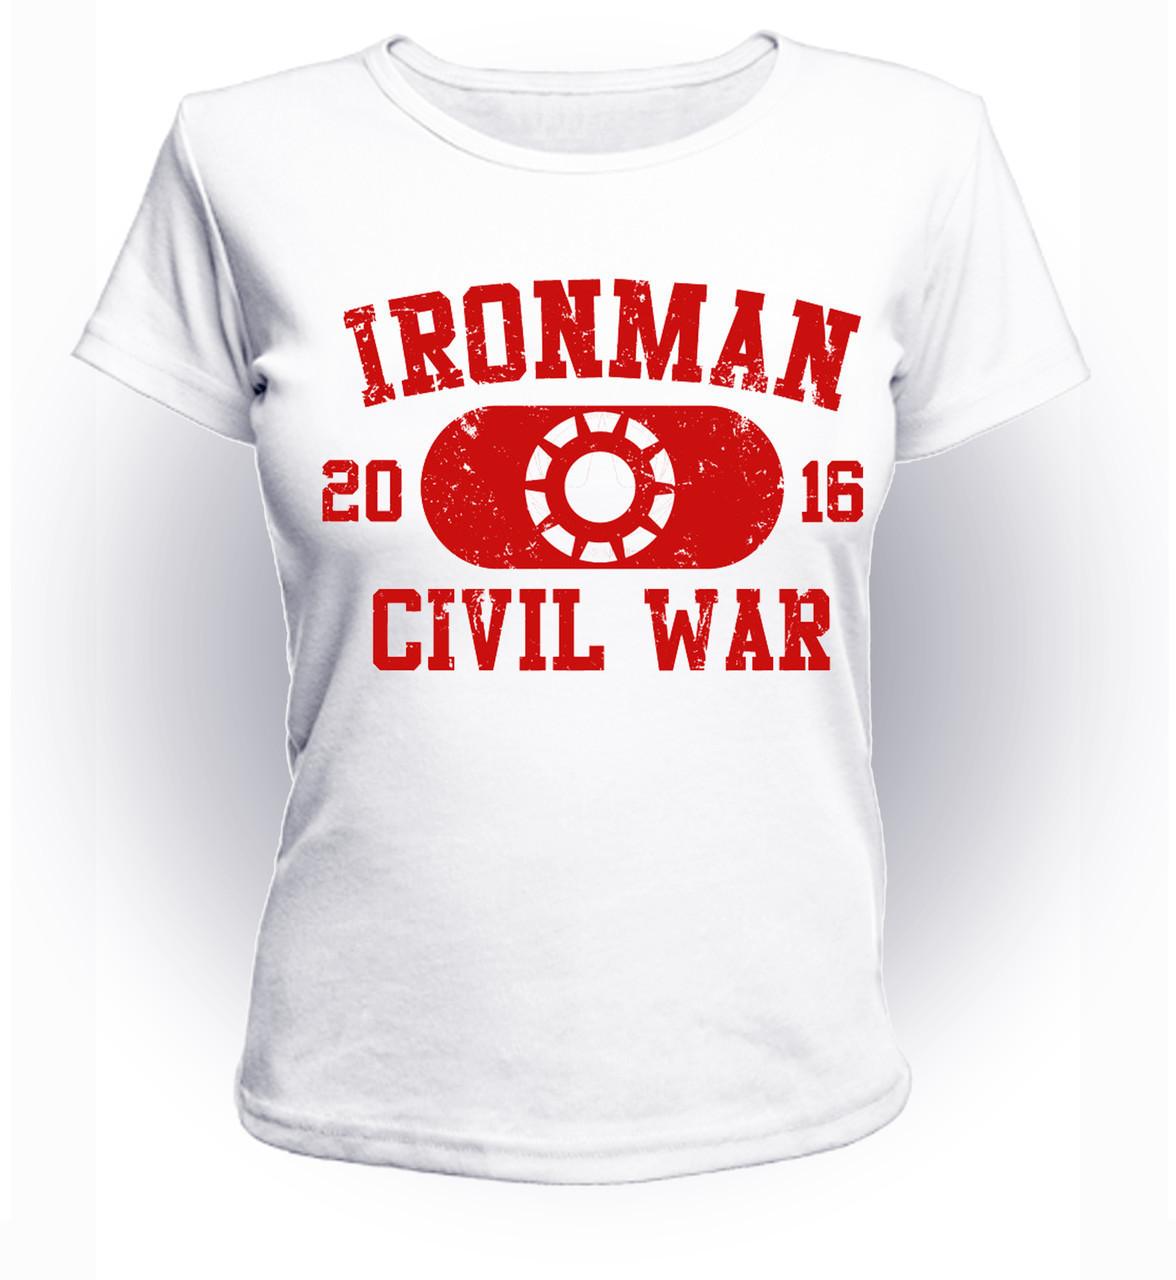 Футболка женская GeekLand Железный Человек Iron Man 2016 art IM.01.047